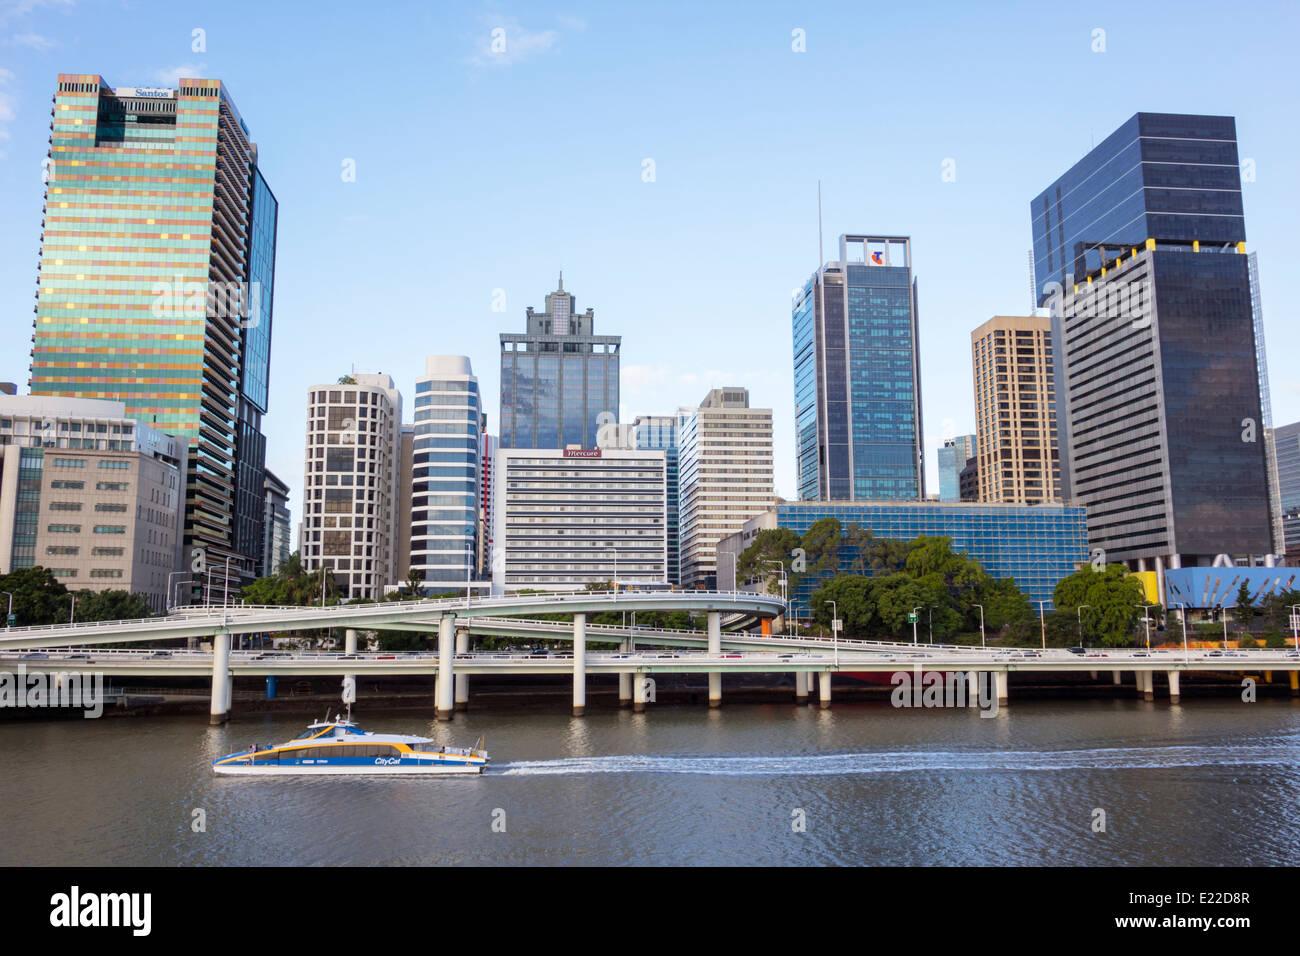 Australie, Queensland, Brisbane, Central, District, CBD, Victoria Bridge, Southbank, ville SkyScape, gratte-ciel, Banque D'Images